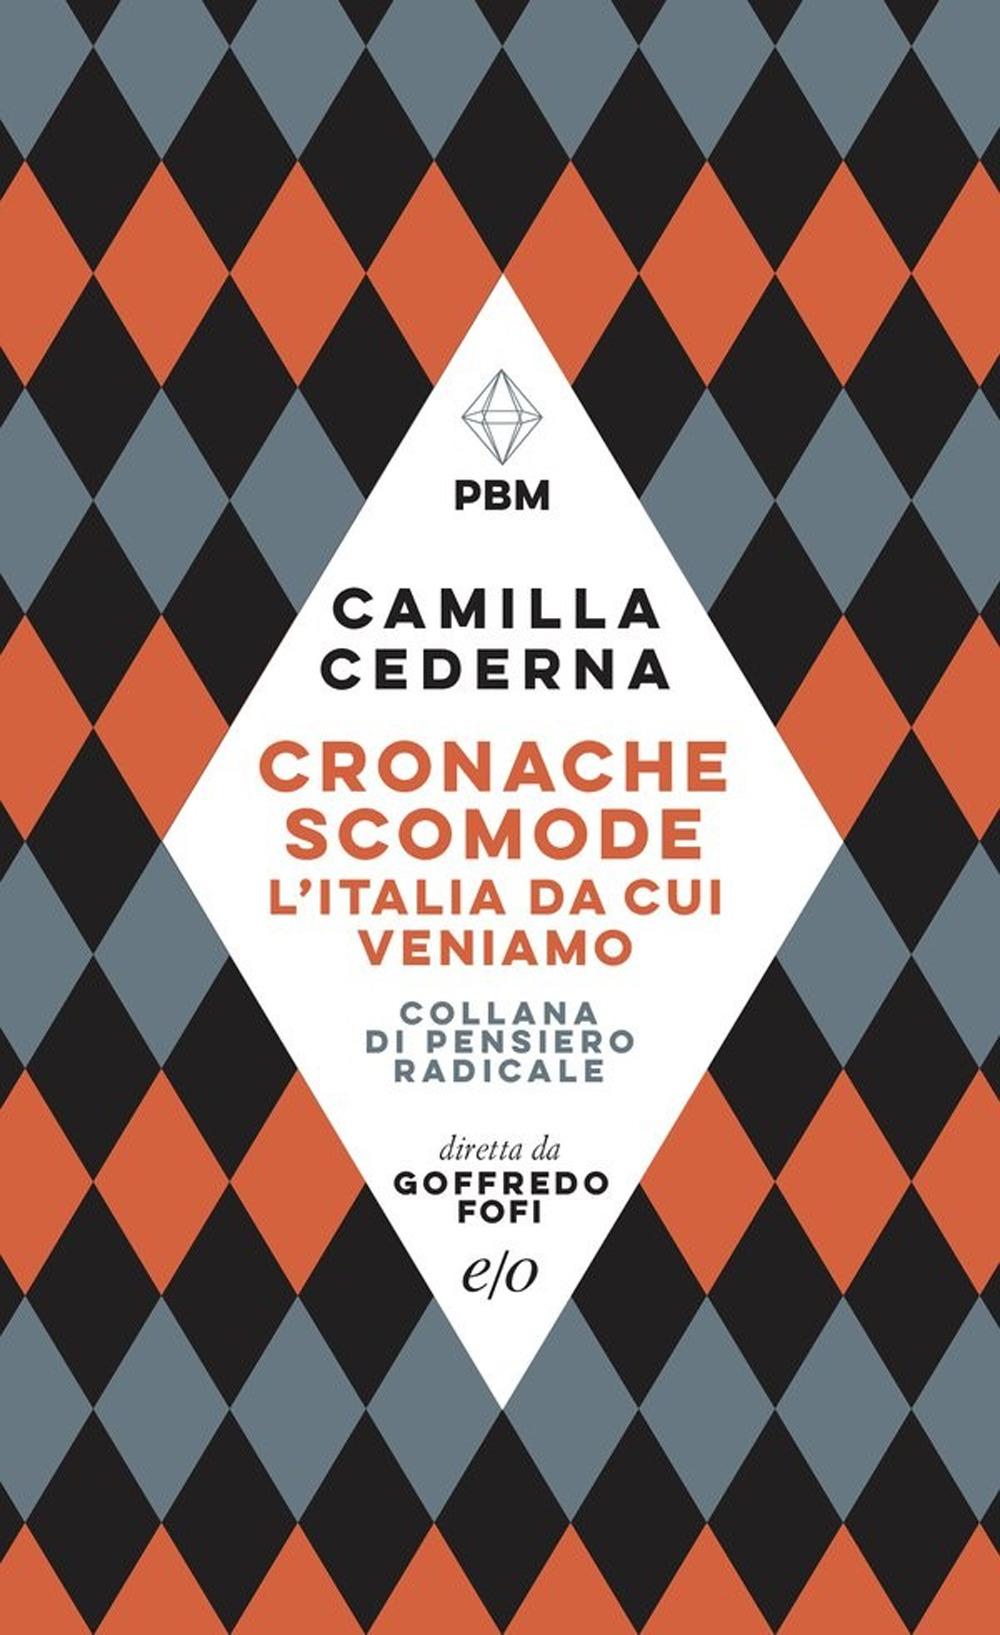 CRONACHE SCOMODE. L'ITALIA DA CUI VENIAMO - Cederna Camilla - 9788833573731